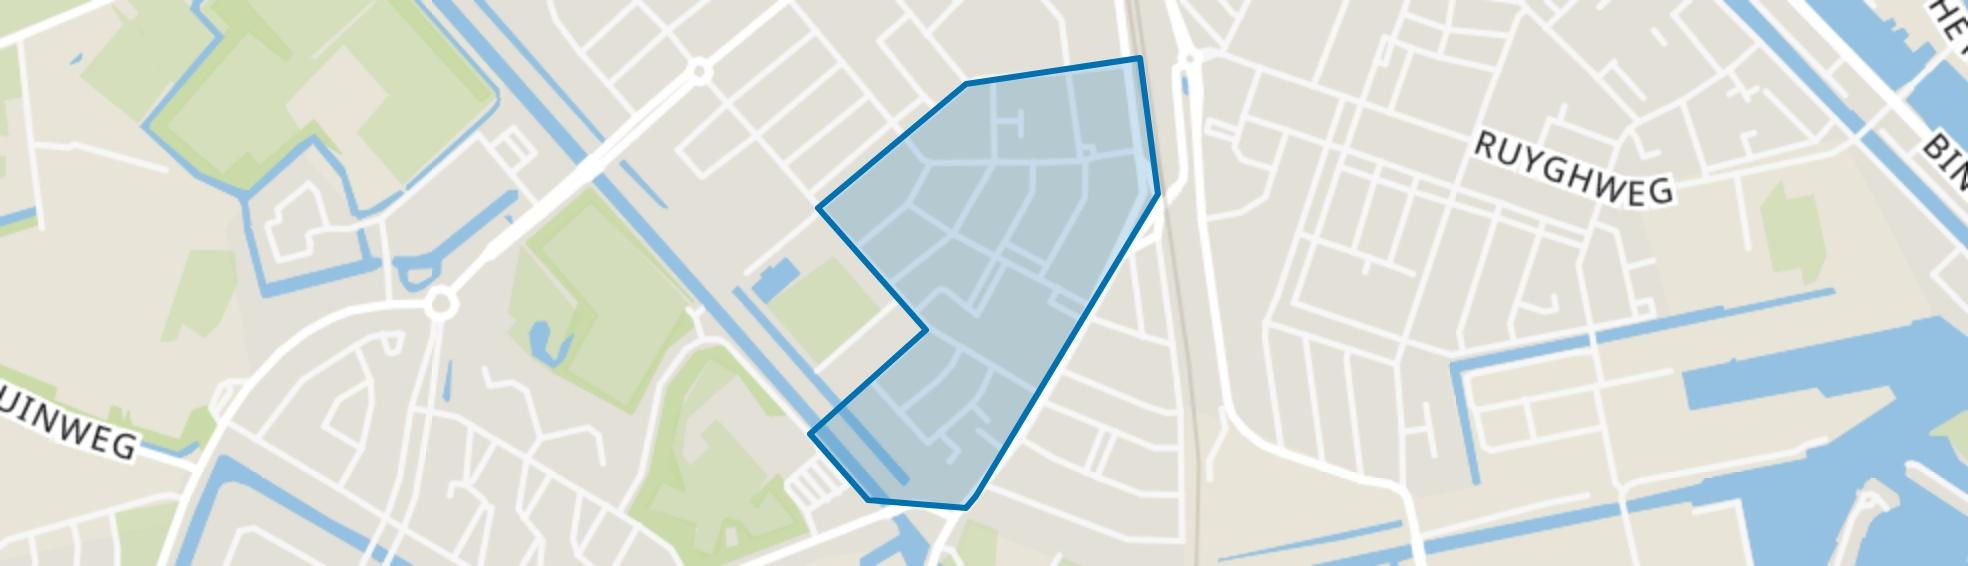 Tuindorp-West, Den Helder map